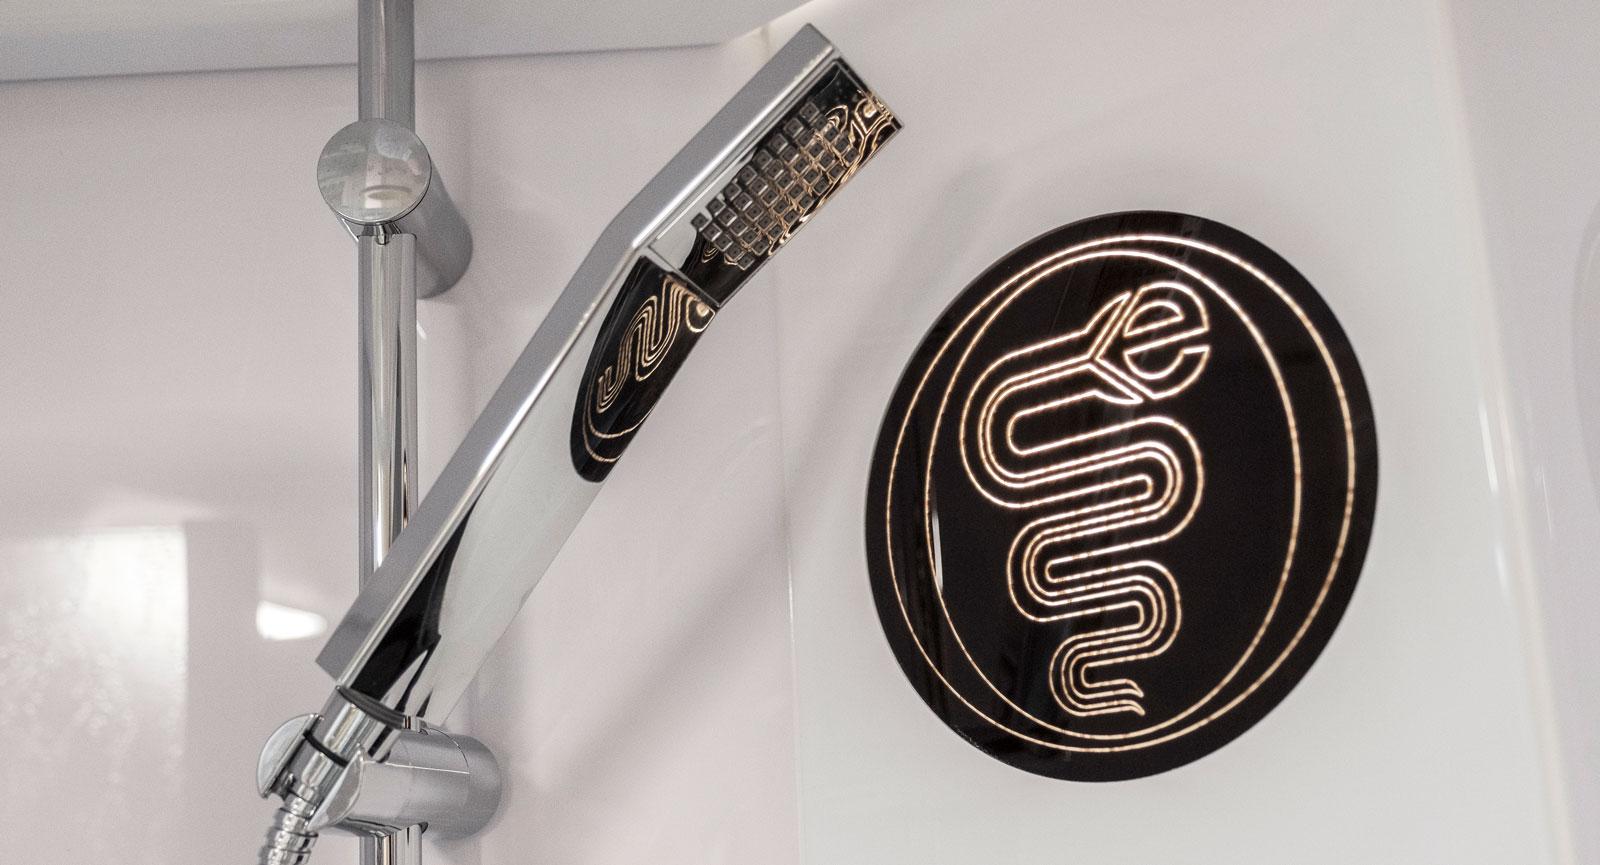 Ganska läckert designad orm  inne i den rymliga duschen.